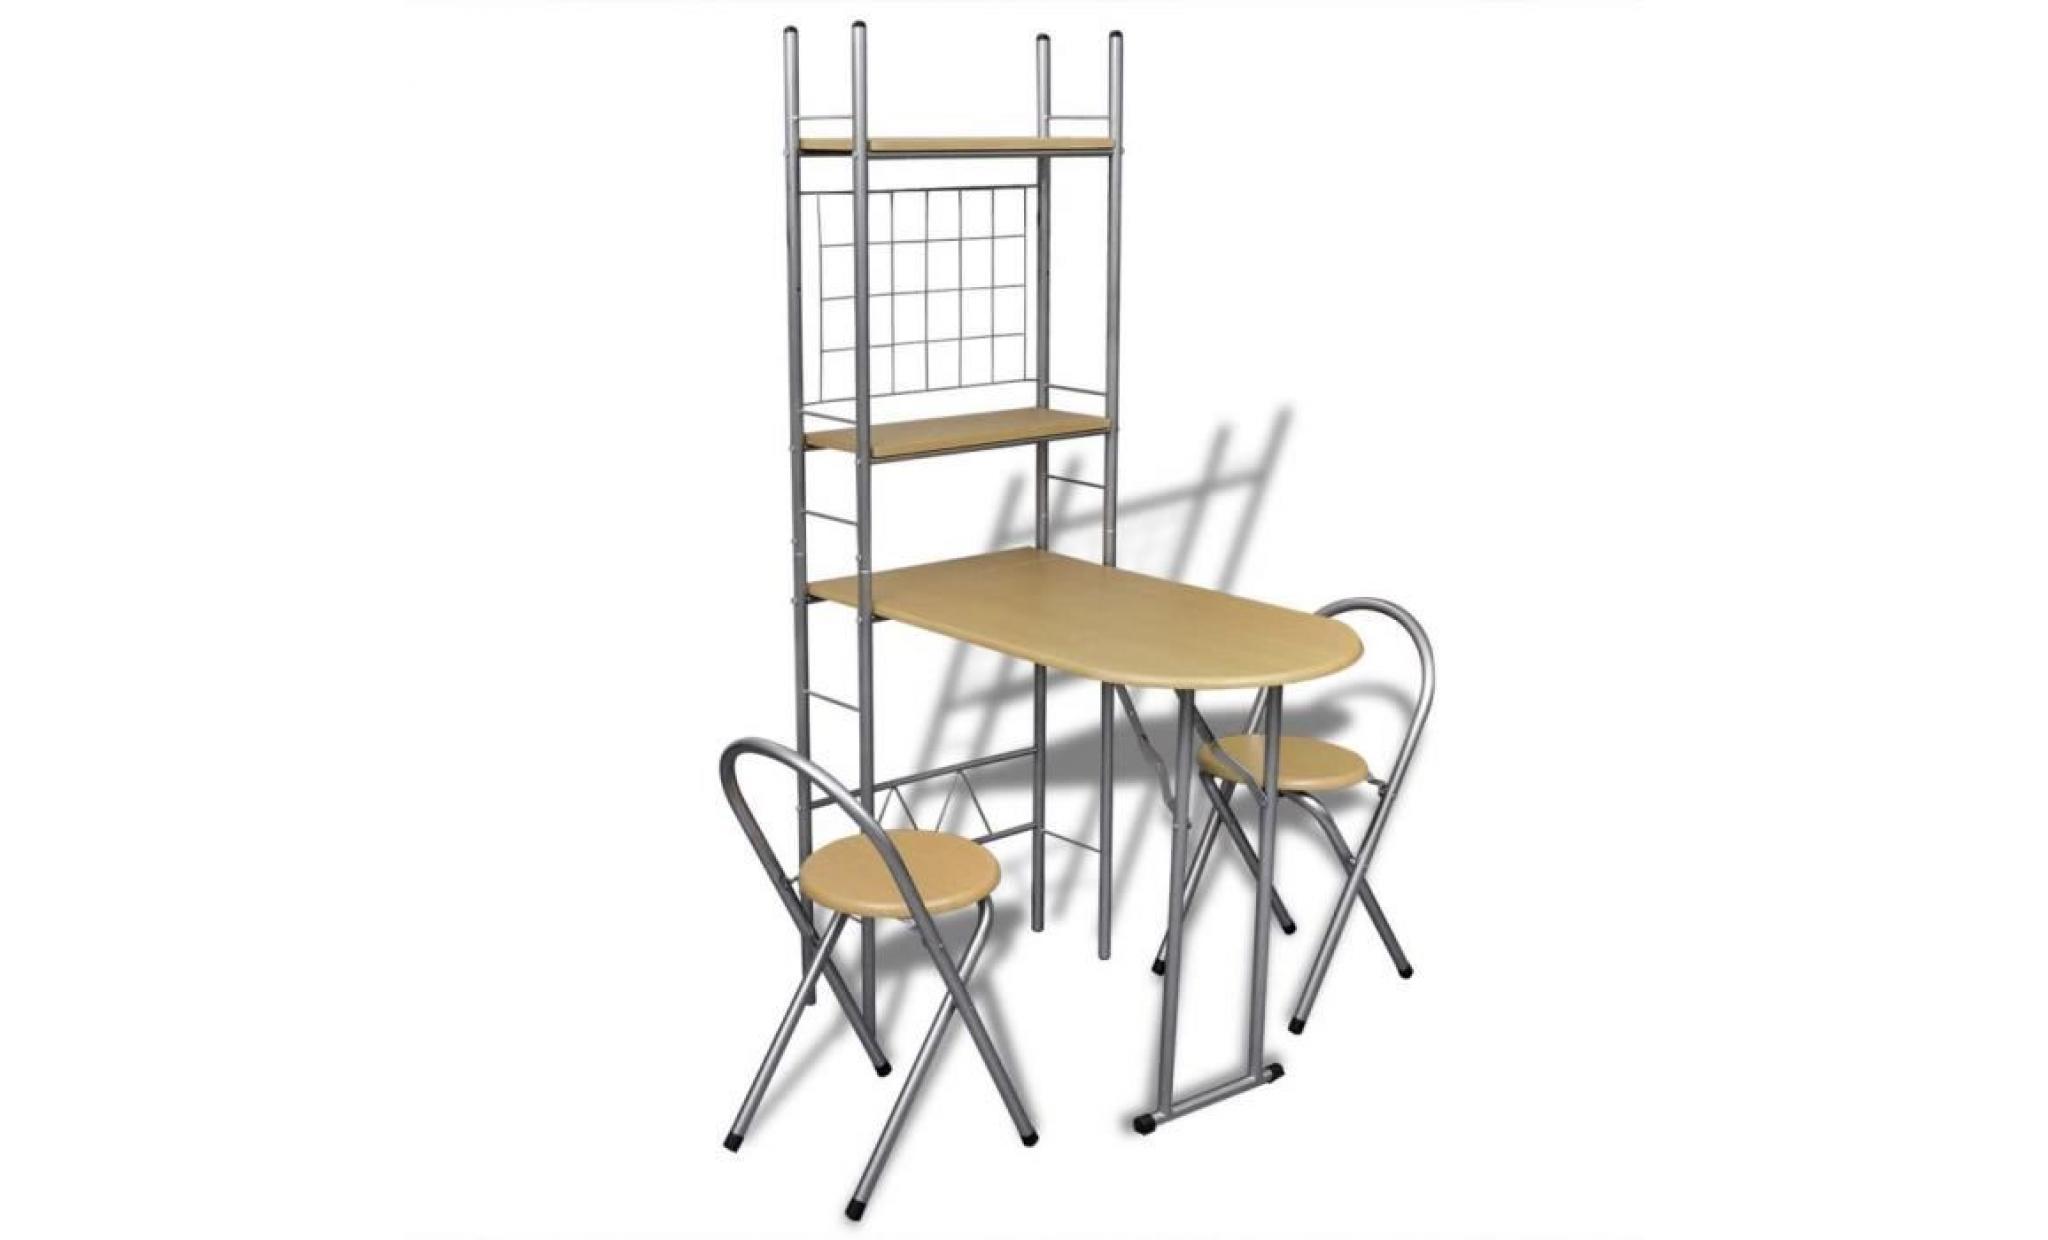 jeu de bar petit d jeuner pliable avec 2 chaises achat